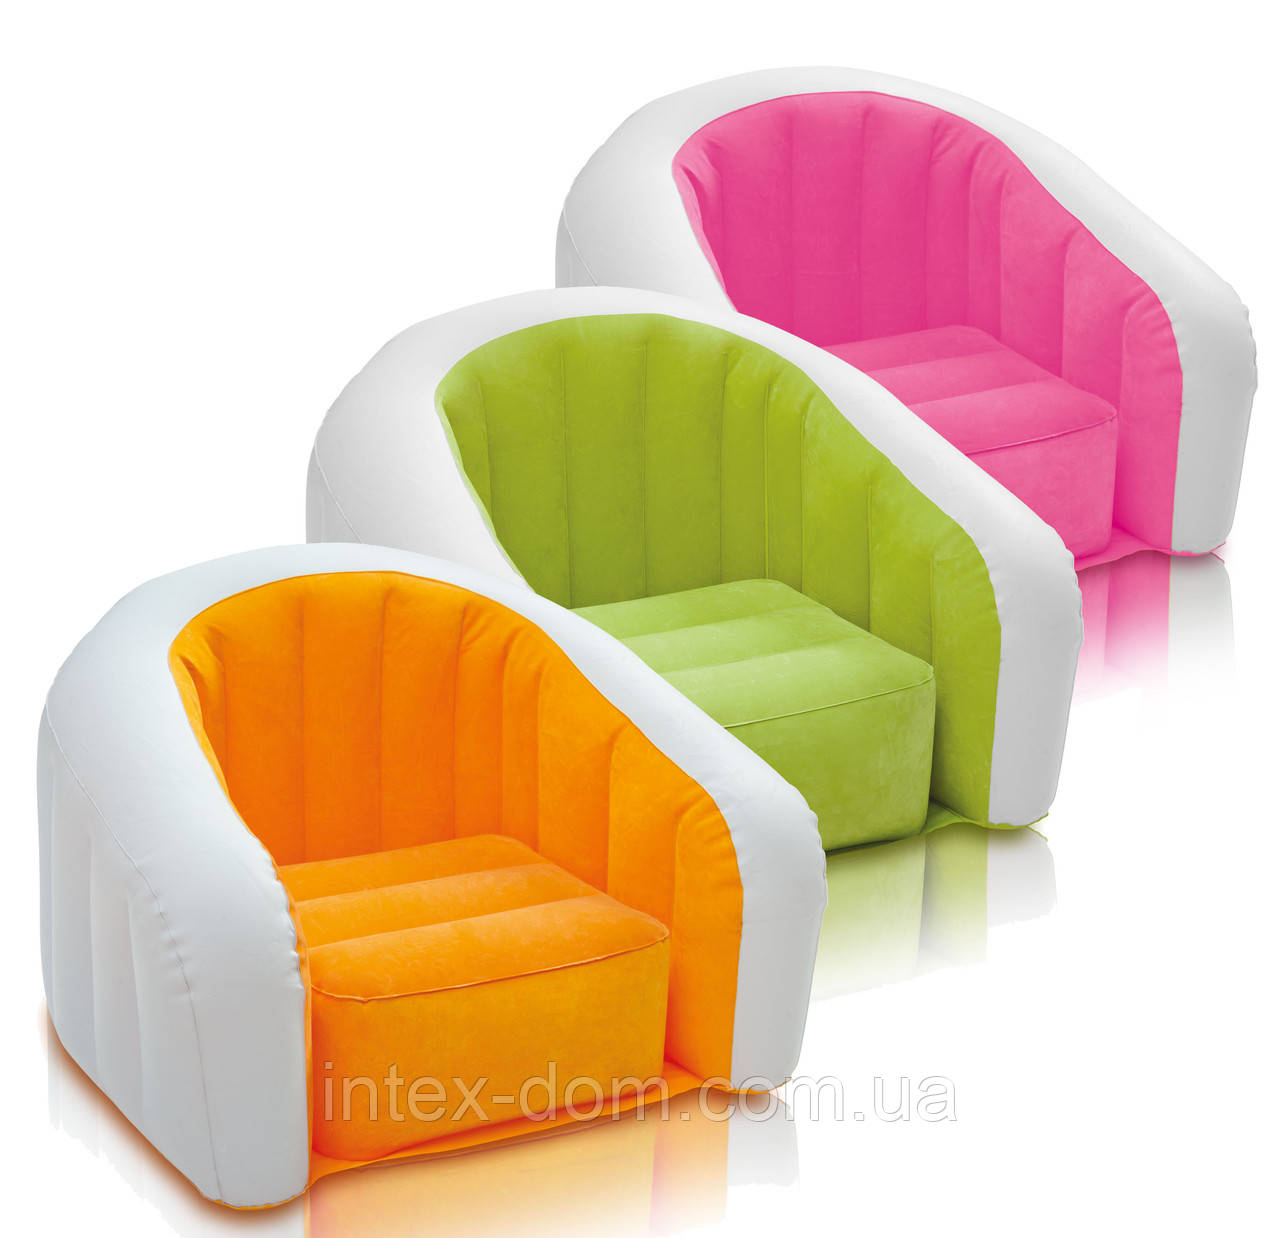 Детское надувное кресло intex 68597P (Розовый)